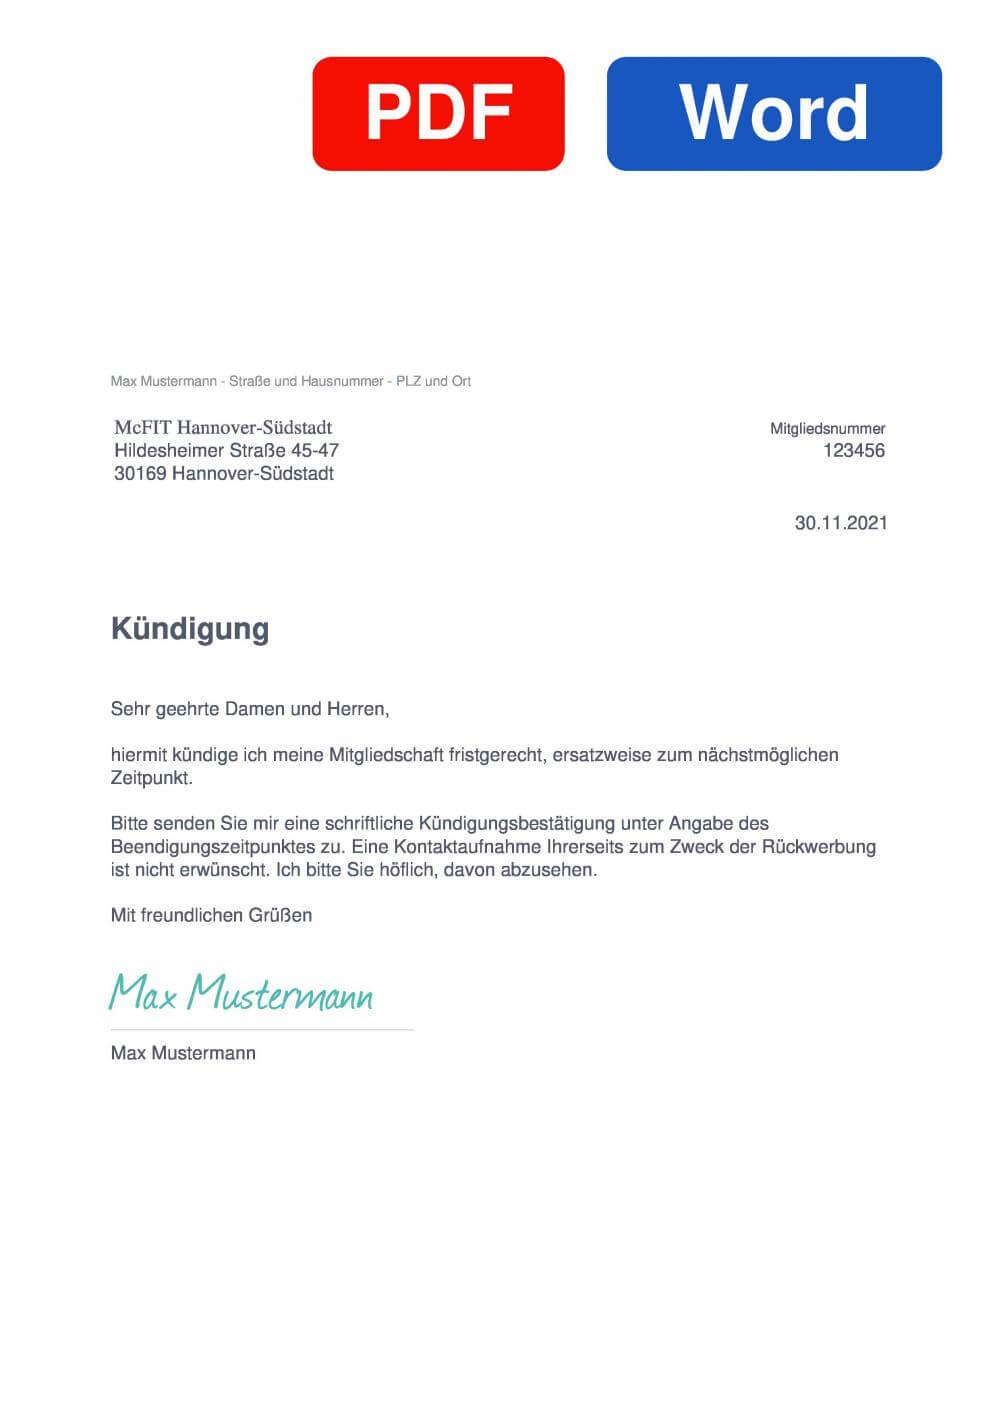 McFIT Hannover-Südstadt Muster Vorlage für Kündigungsschreiben